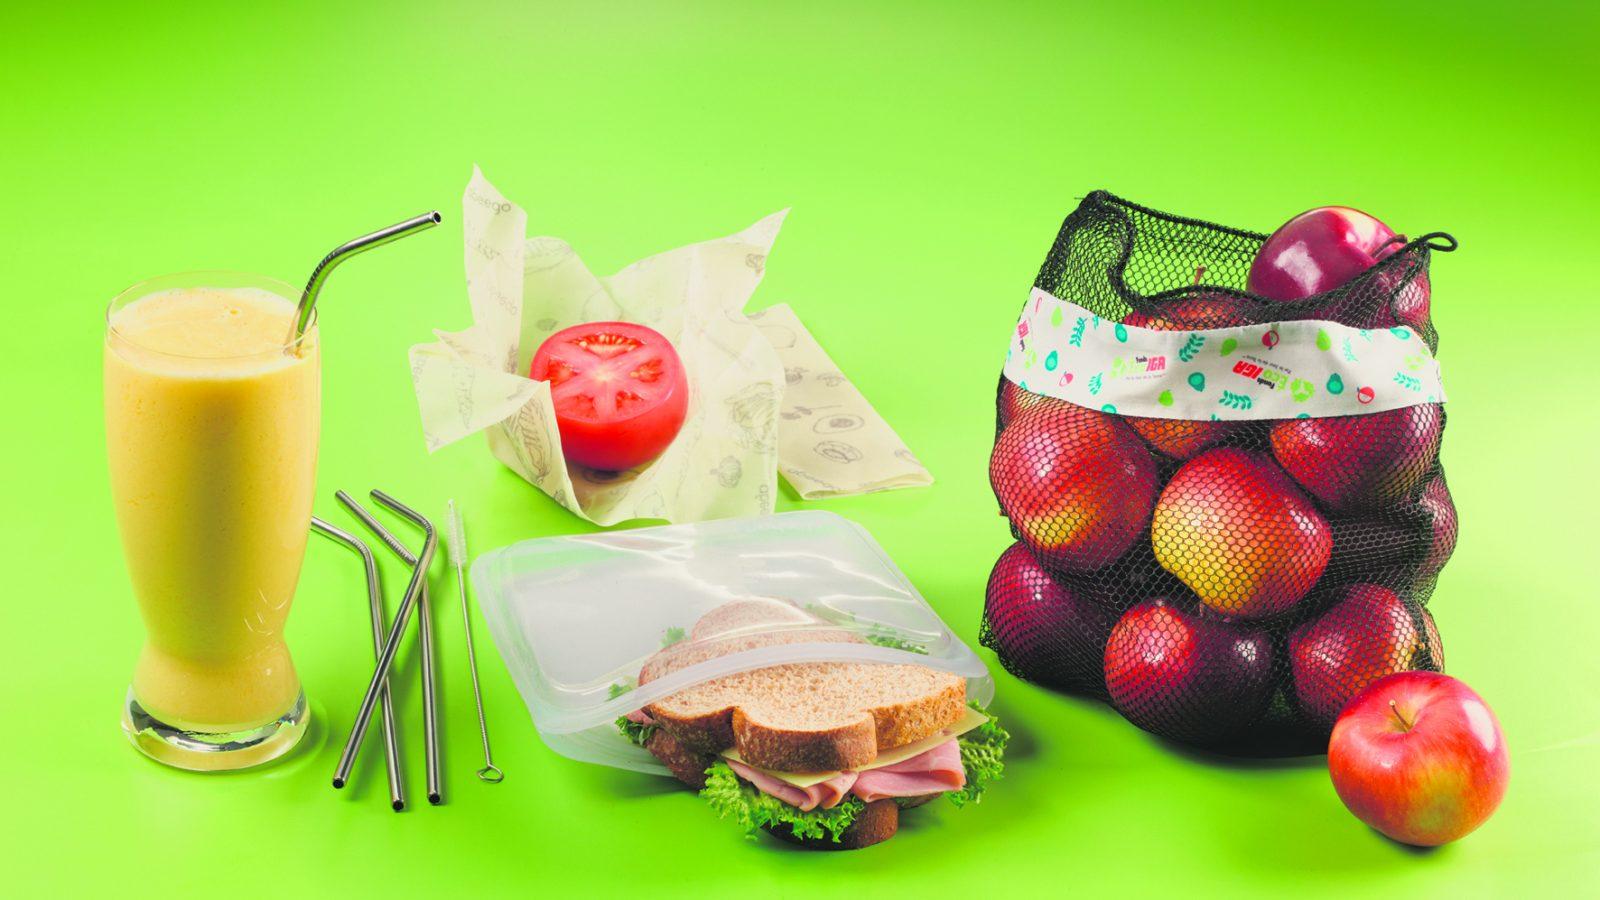 Réduction des plastiques à usage unique – Ateliers et distribution de trousses chez IGA jeudi